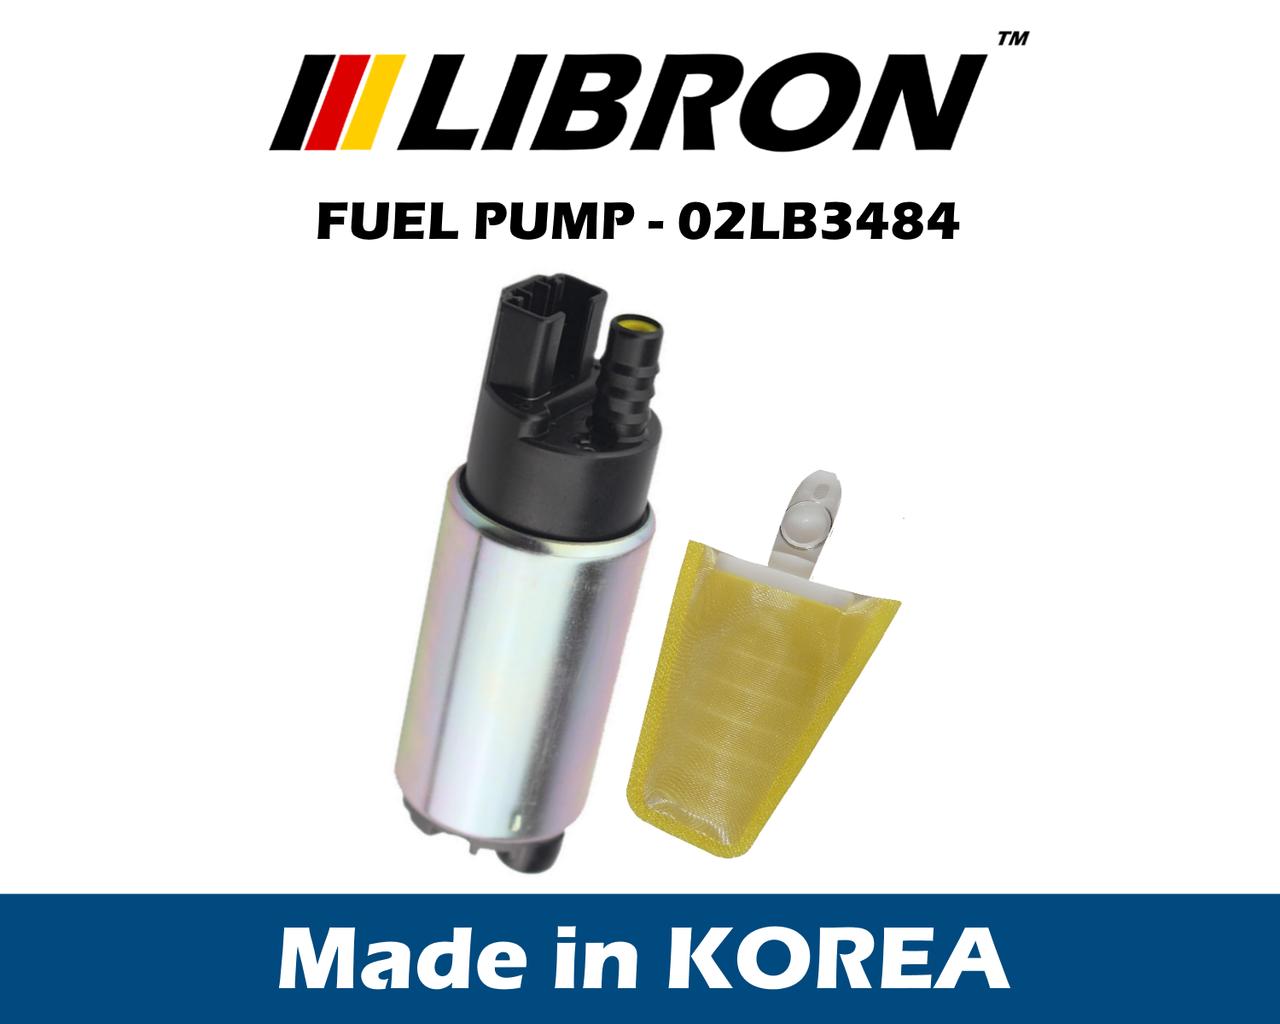 Топливный насос LIBRON 02LB3484 - HYUNDAI LANTRA II универсал